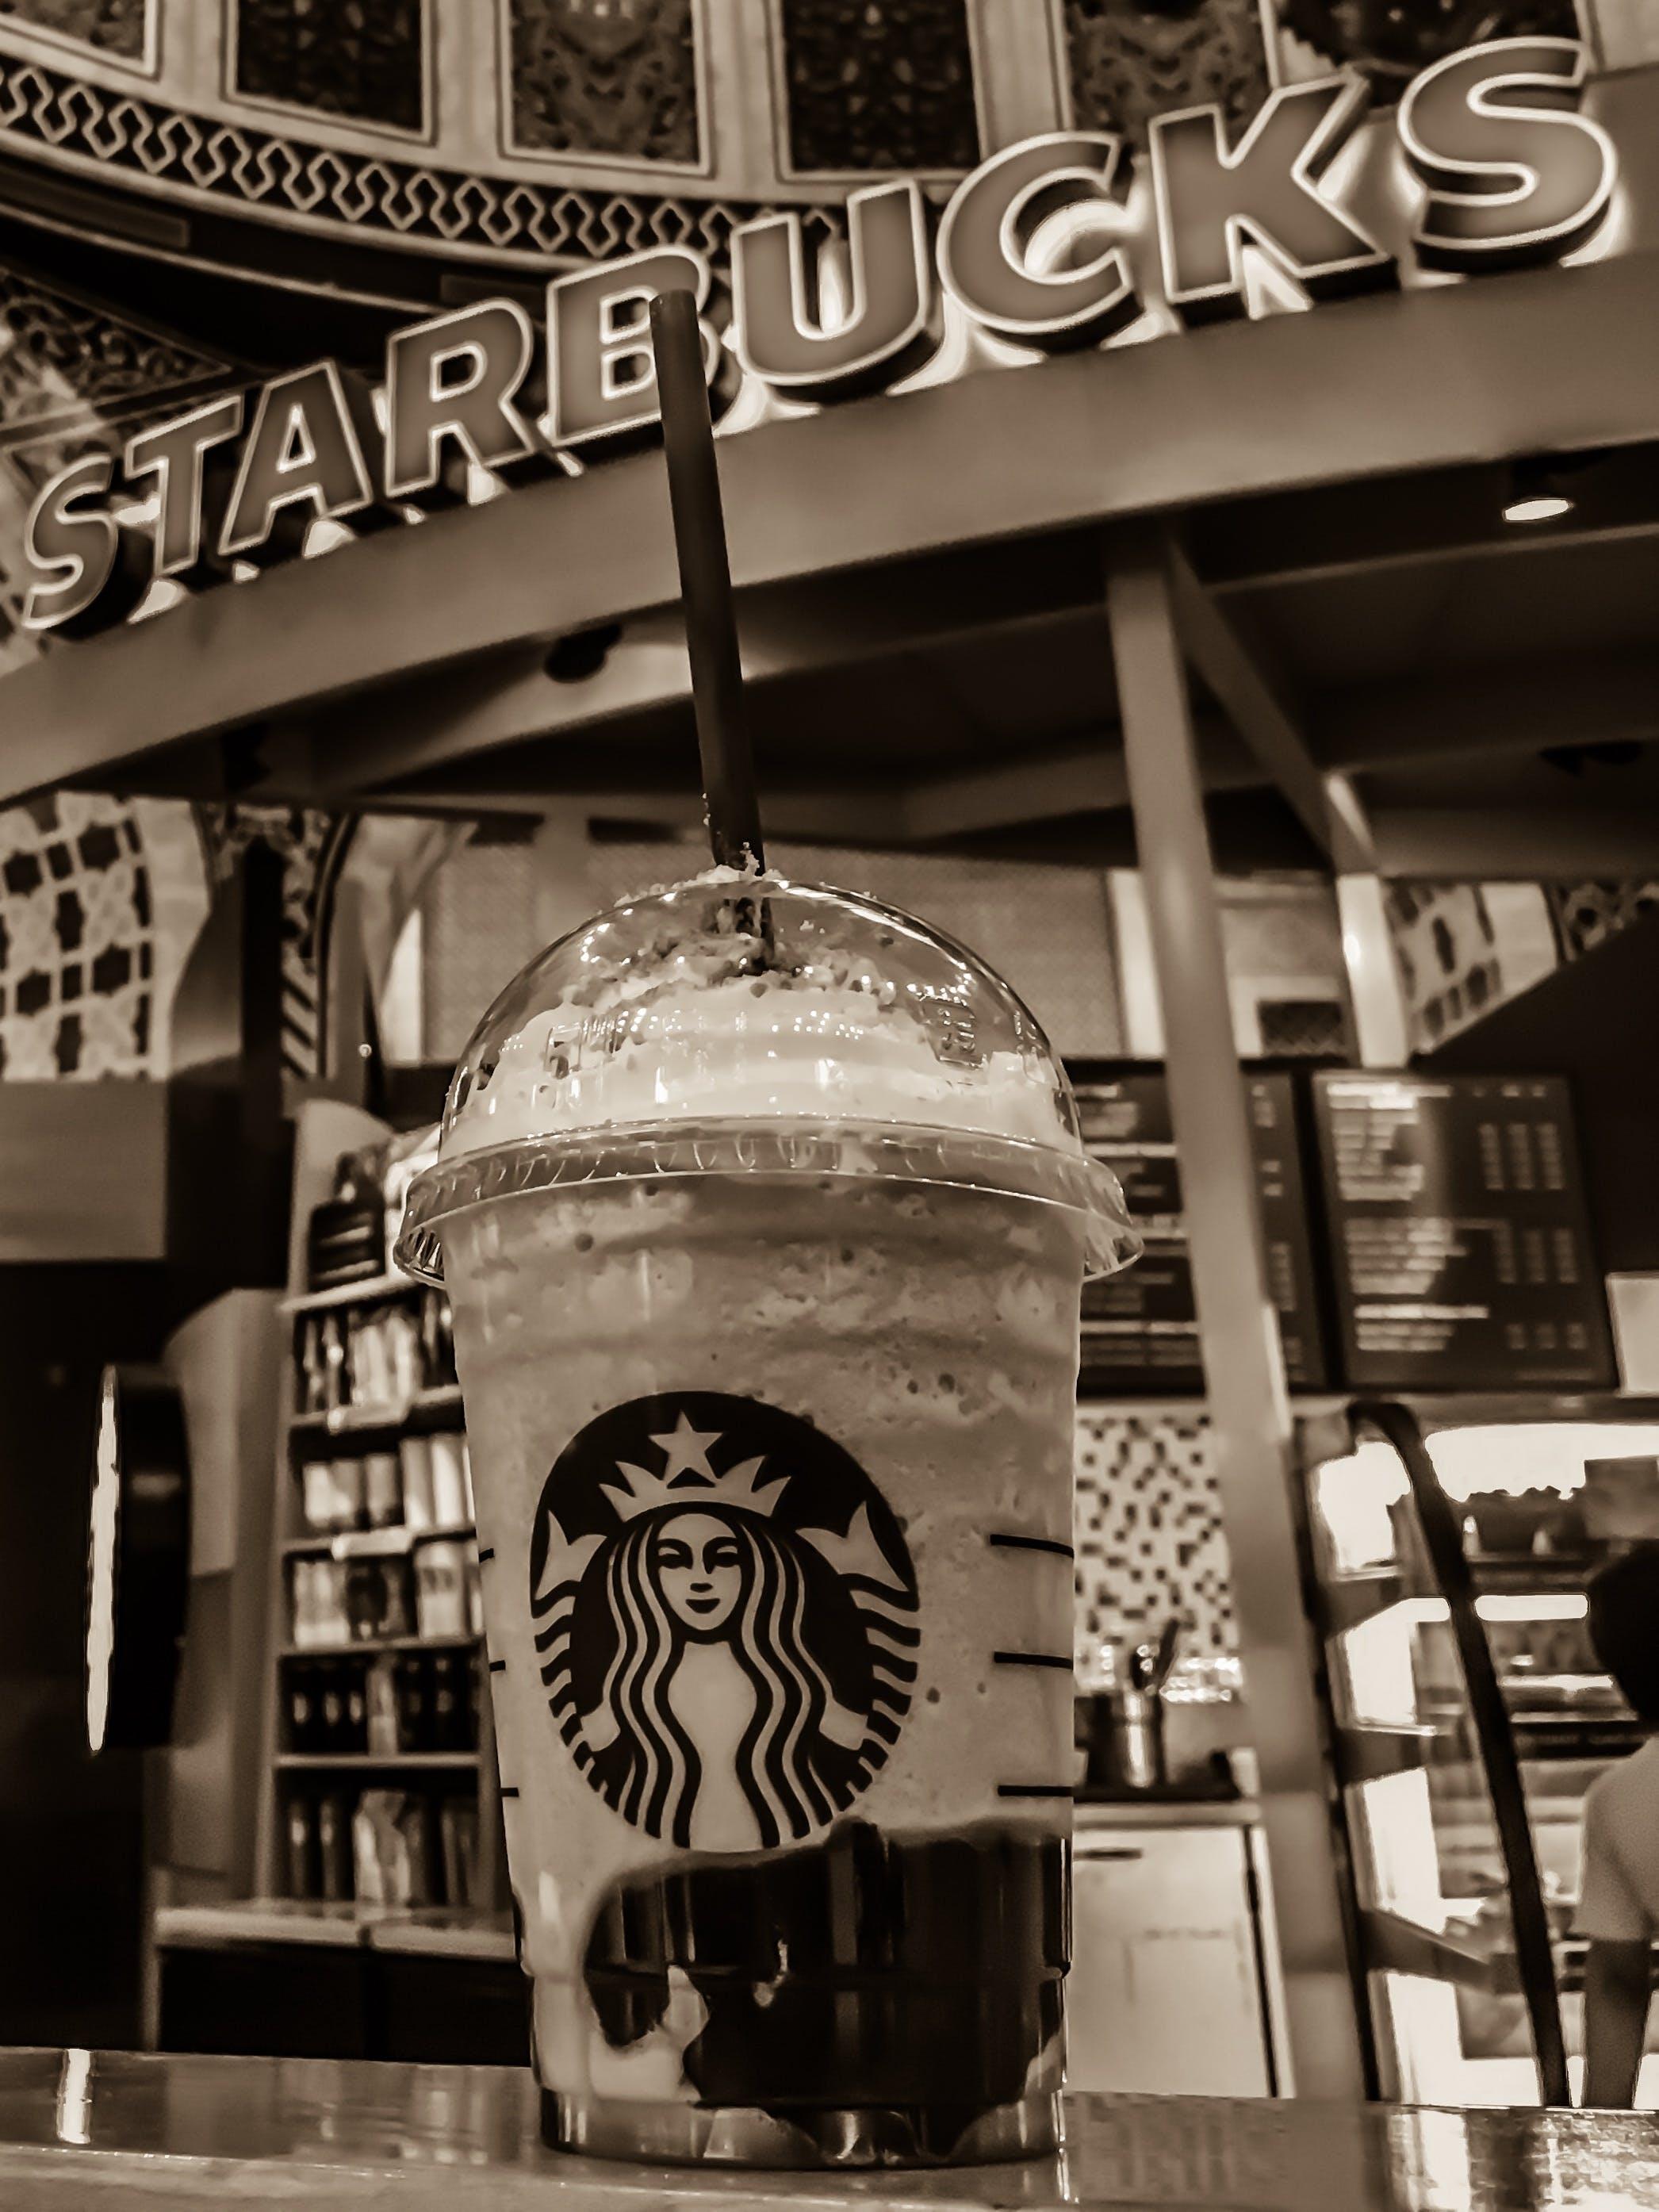 Starbucks Stall Grayscale Photo